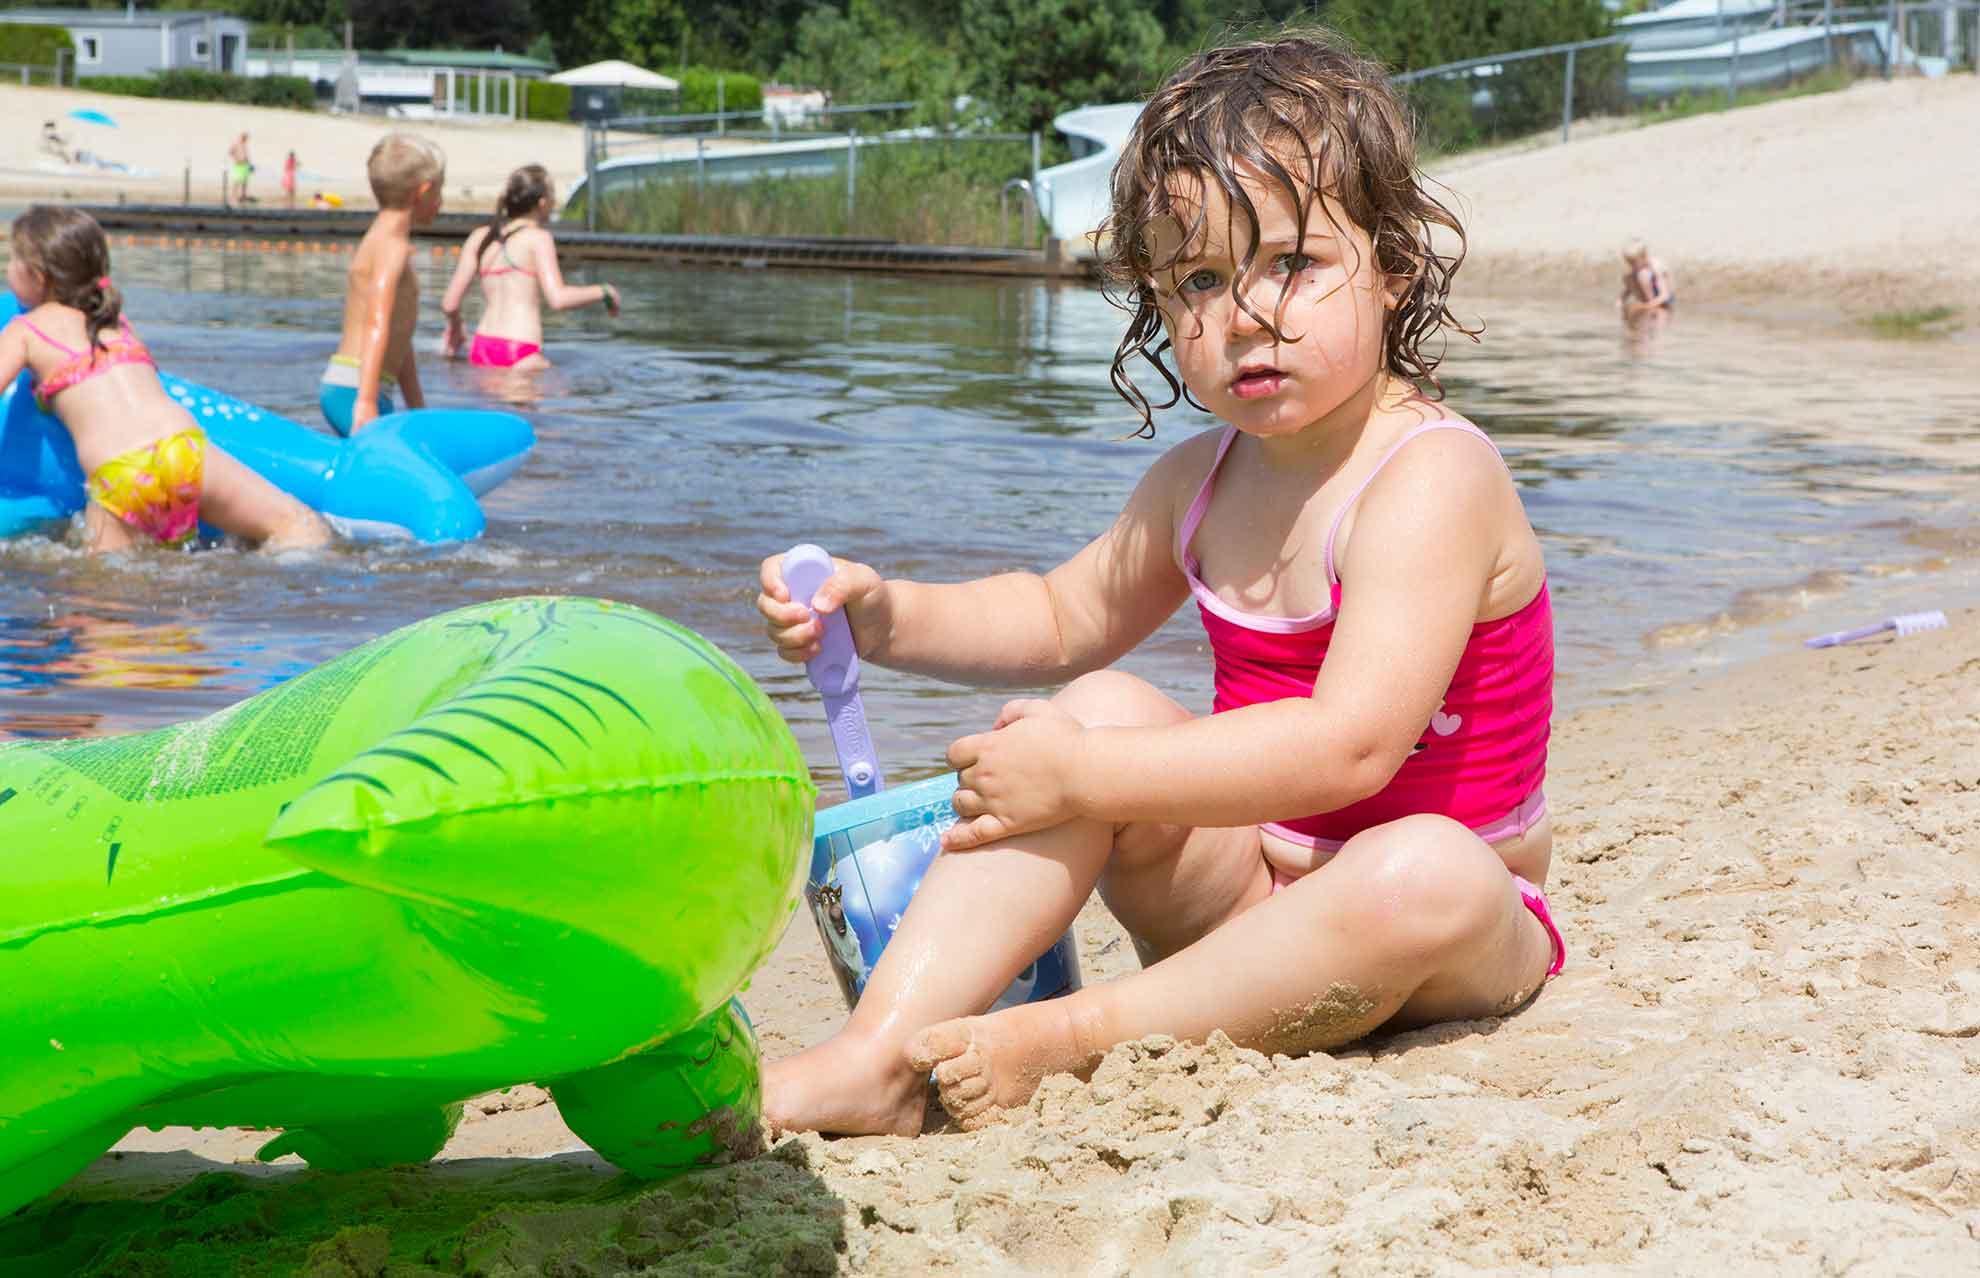 Ein einzigartiger Strandurlaub in den Niederlanden - Strandurlaub in den Niederlanden